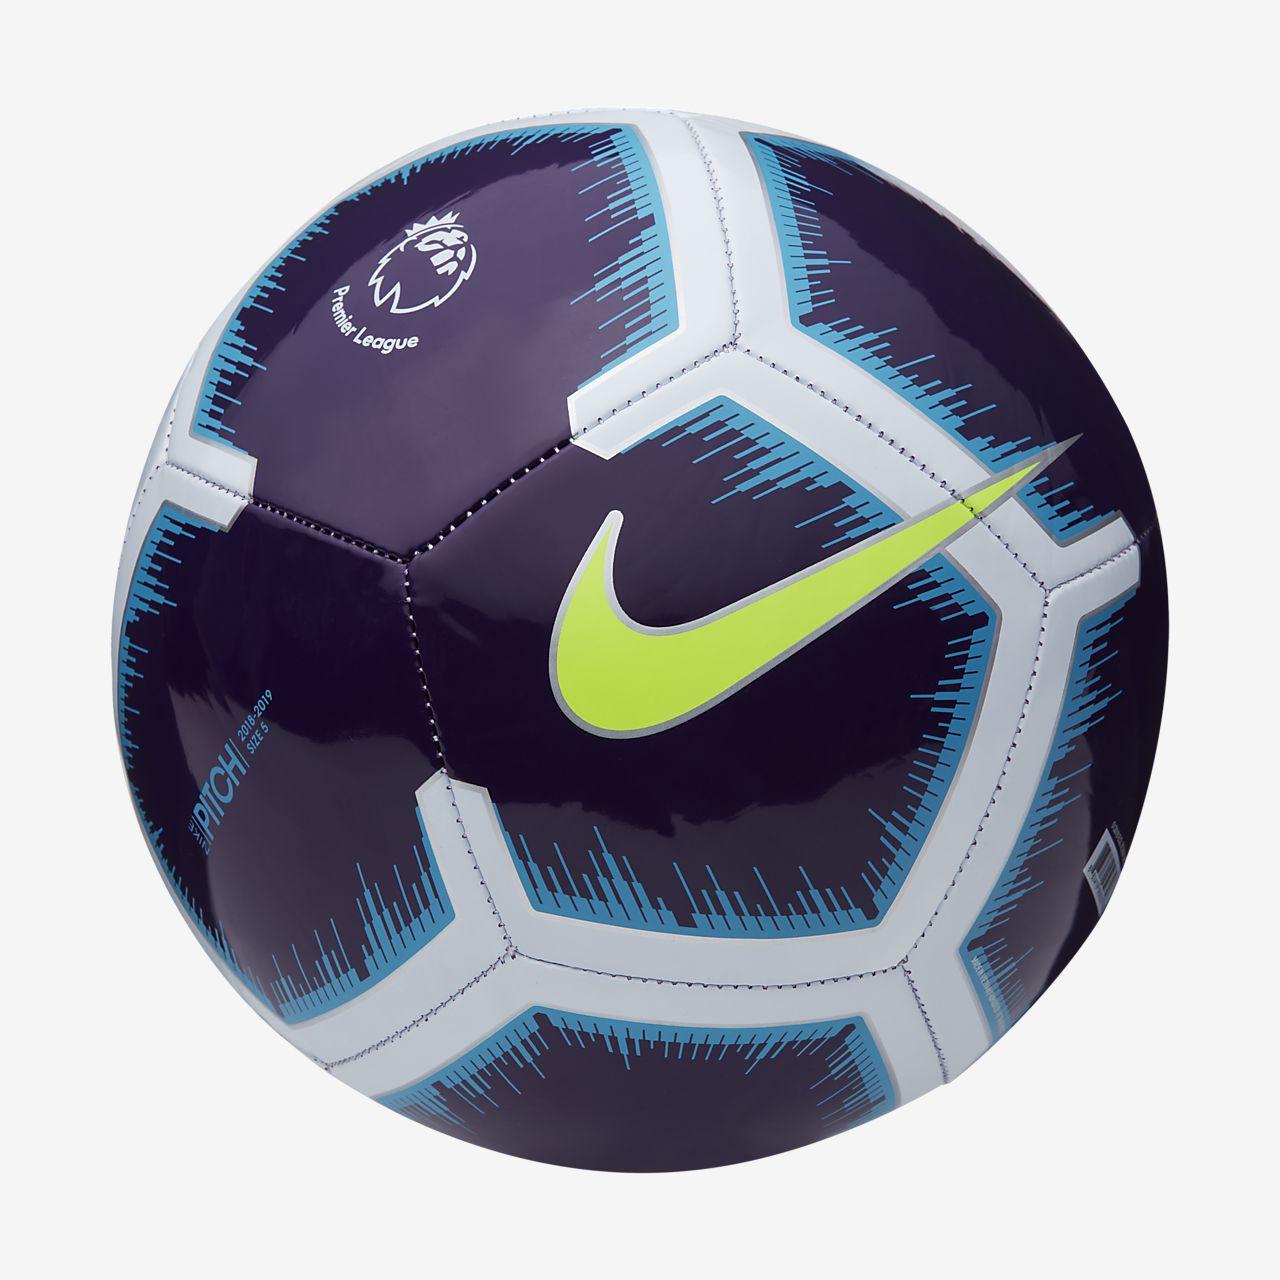 Bola de futebol Premier League Pitch. Nike.com PT 7ae3f03ffad9e